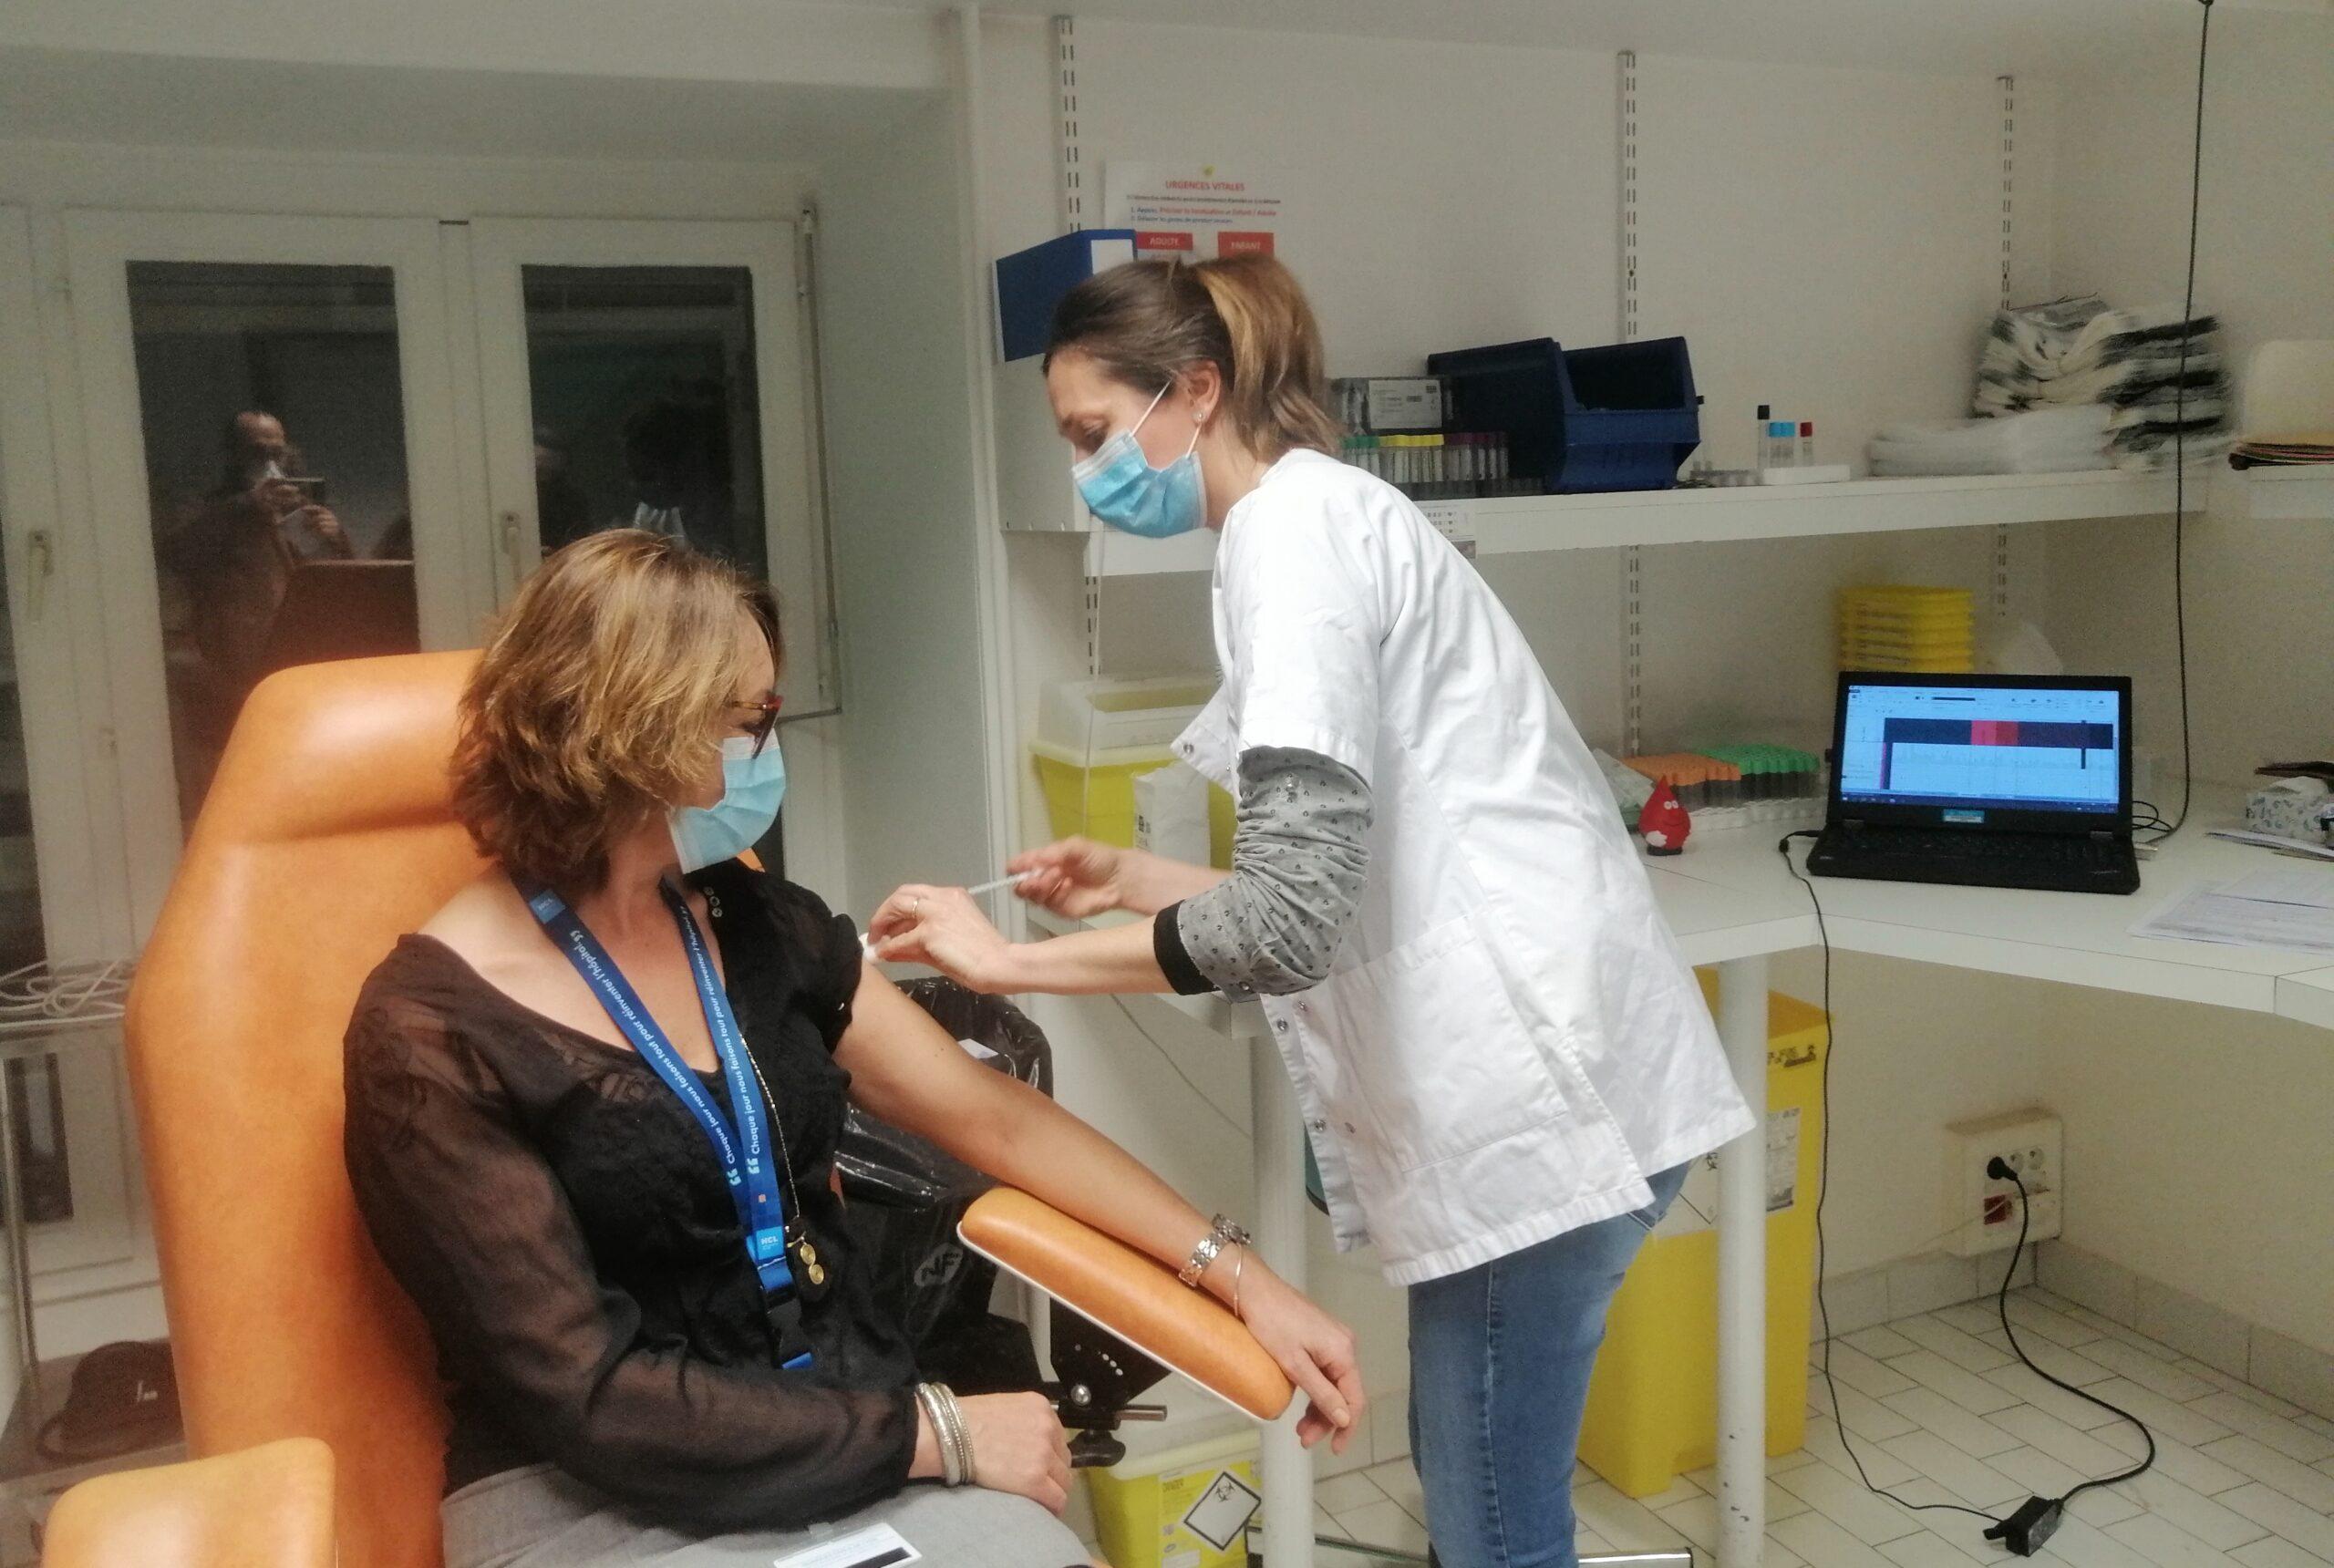 Premières vaccinations contre la covid-19 à l'hôpital de la Croix-Rousse à Lyon © Paul Terra